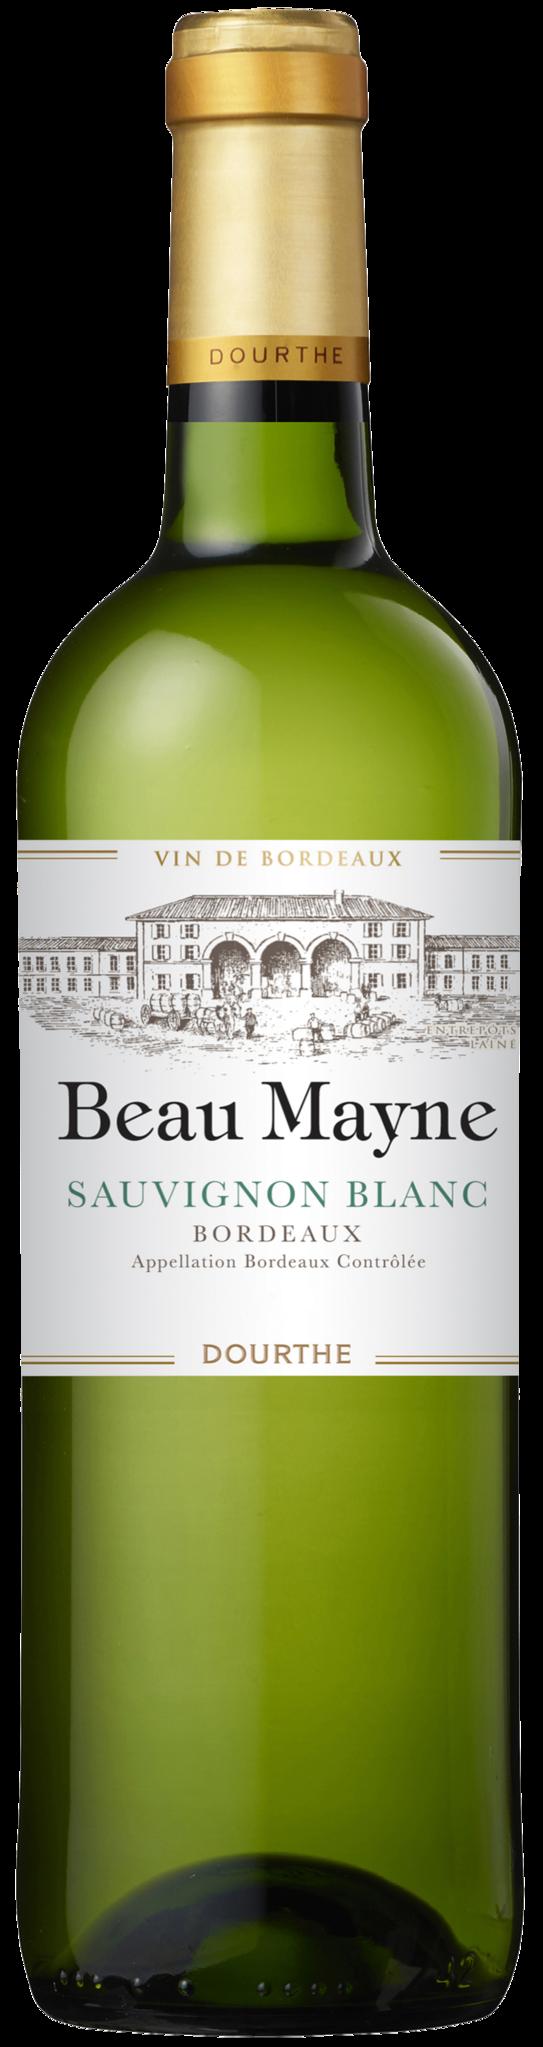 Dourthe Beau Mayne Blanc, 2018, Bordeaux, Frankrijk, Witte wijn